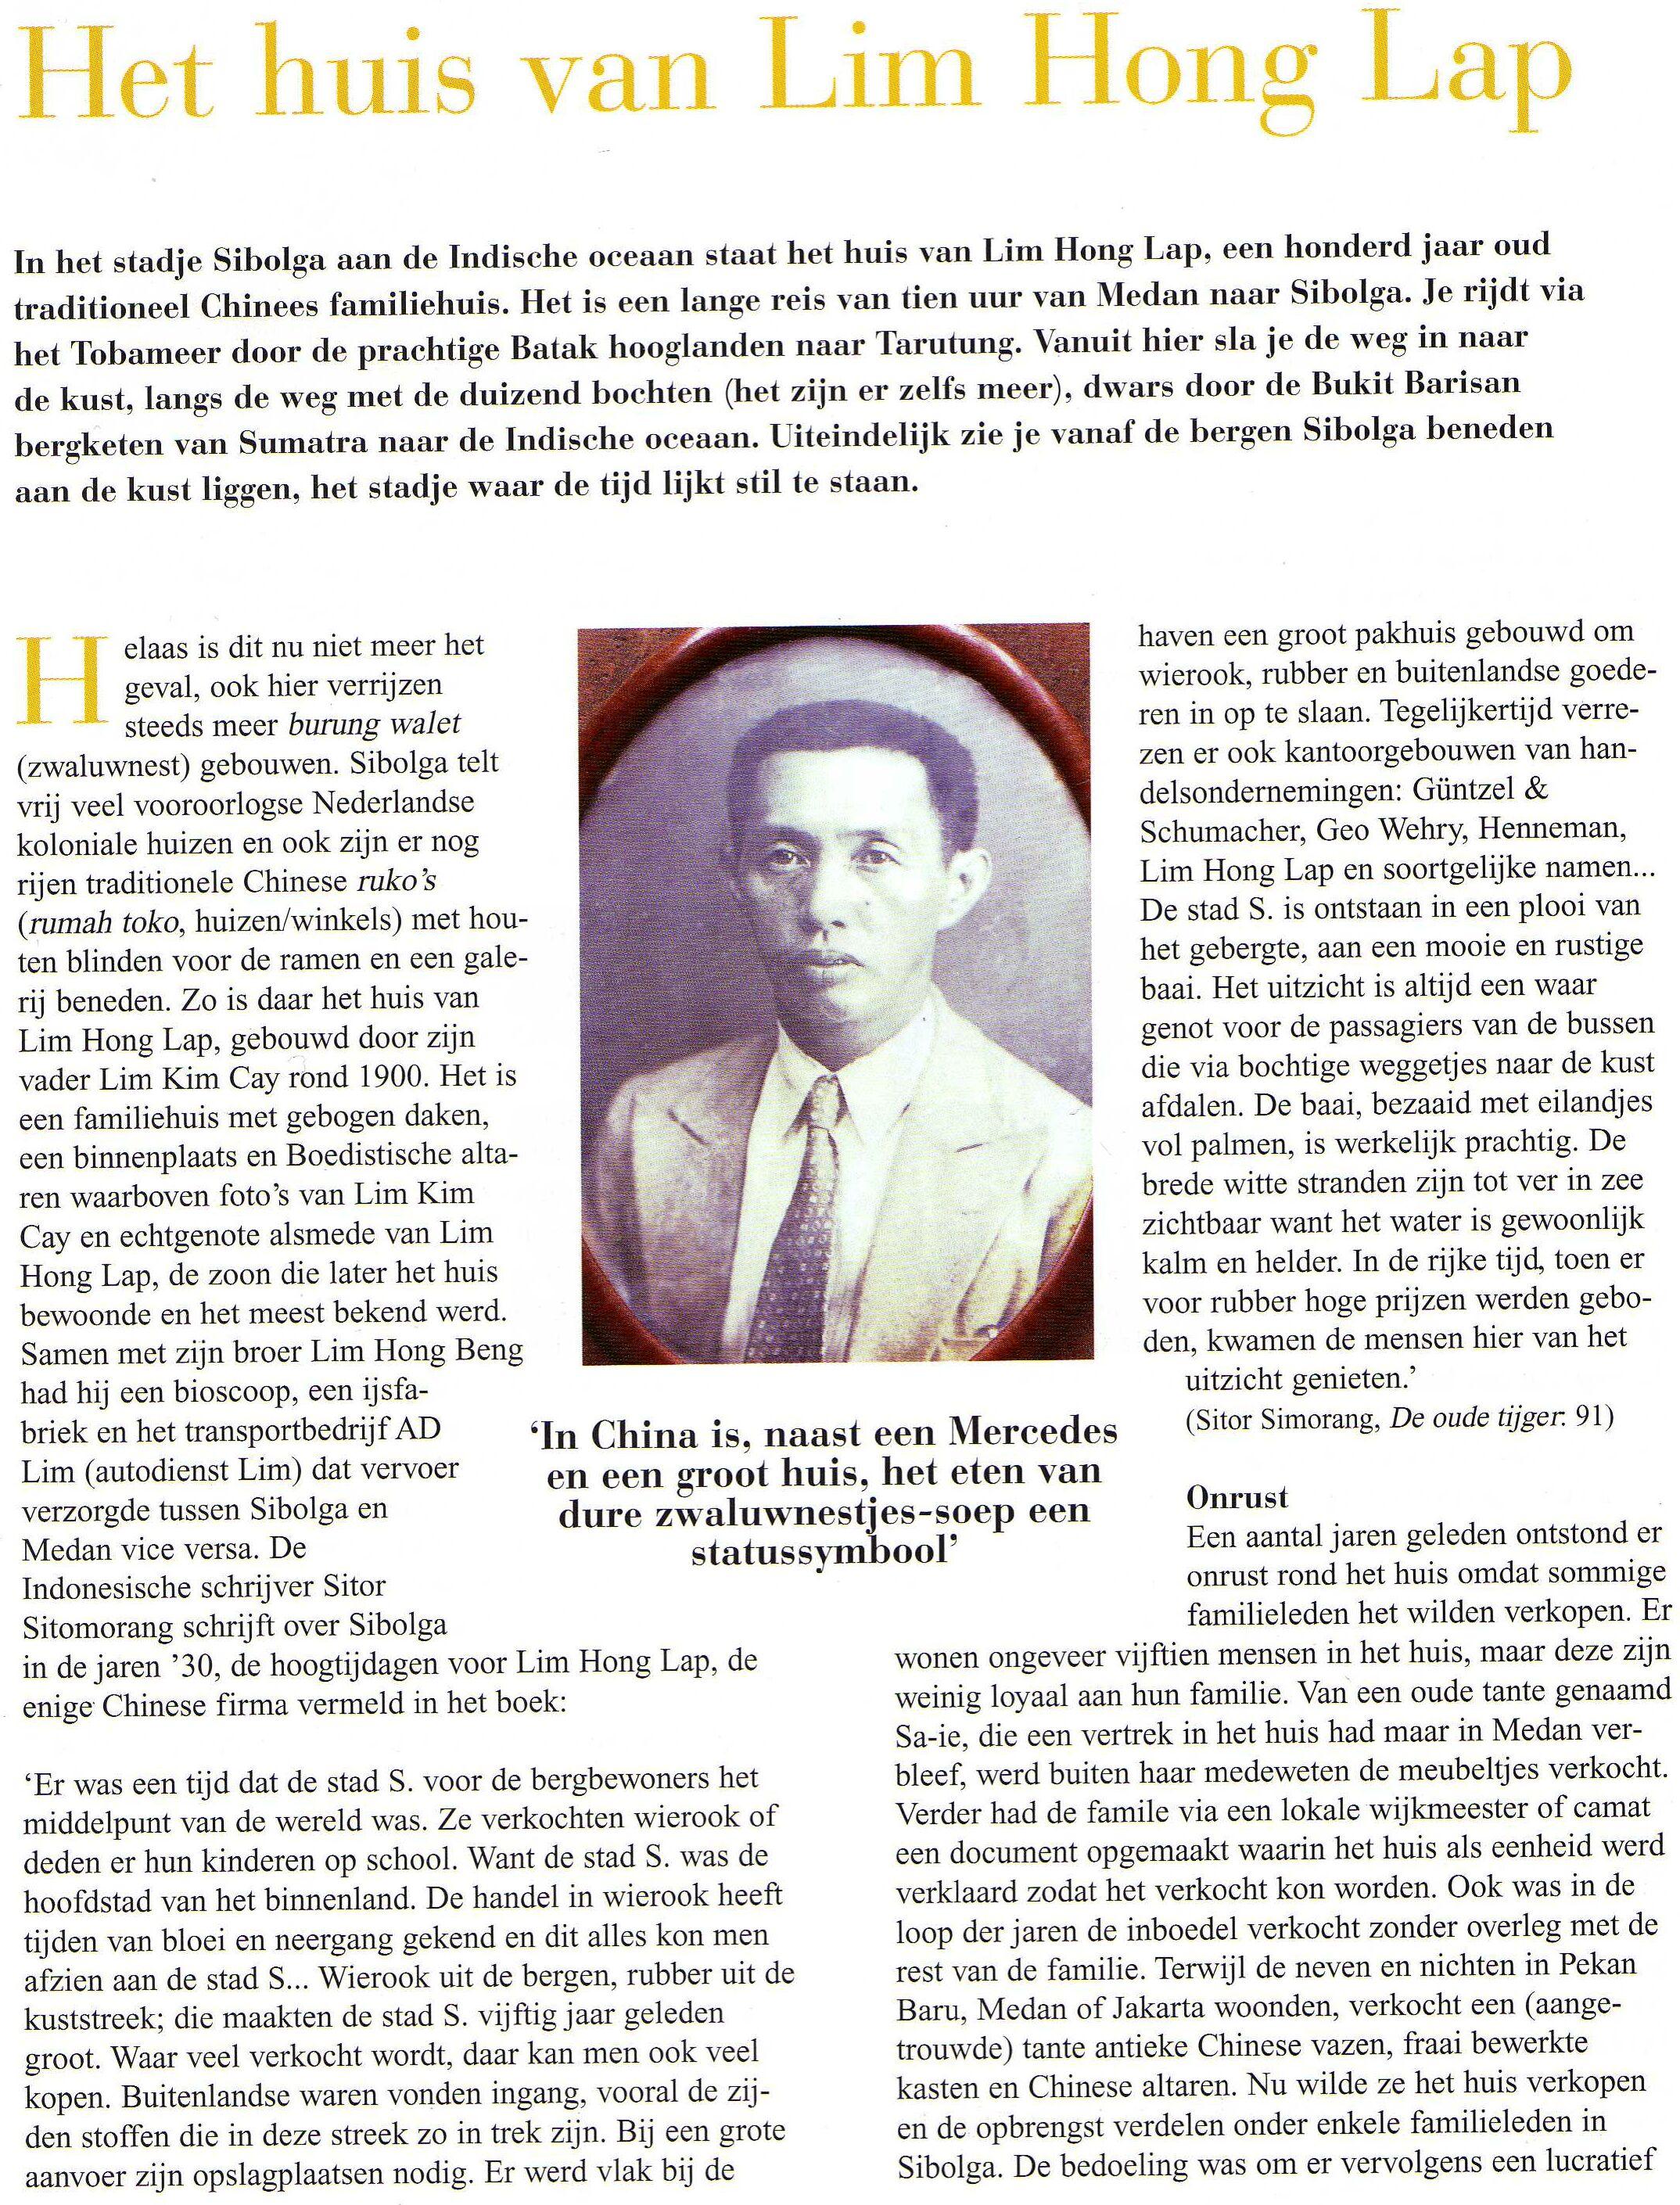 Article House Lim Hong Lap - Het Huis van Lim Hong Lap